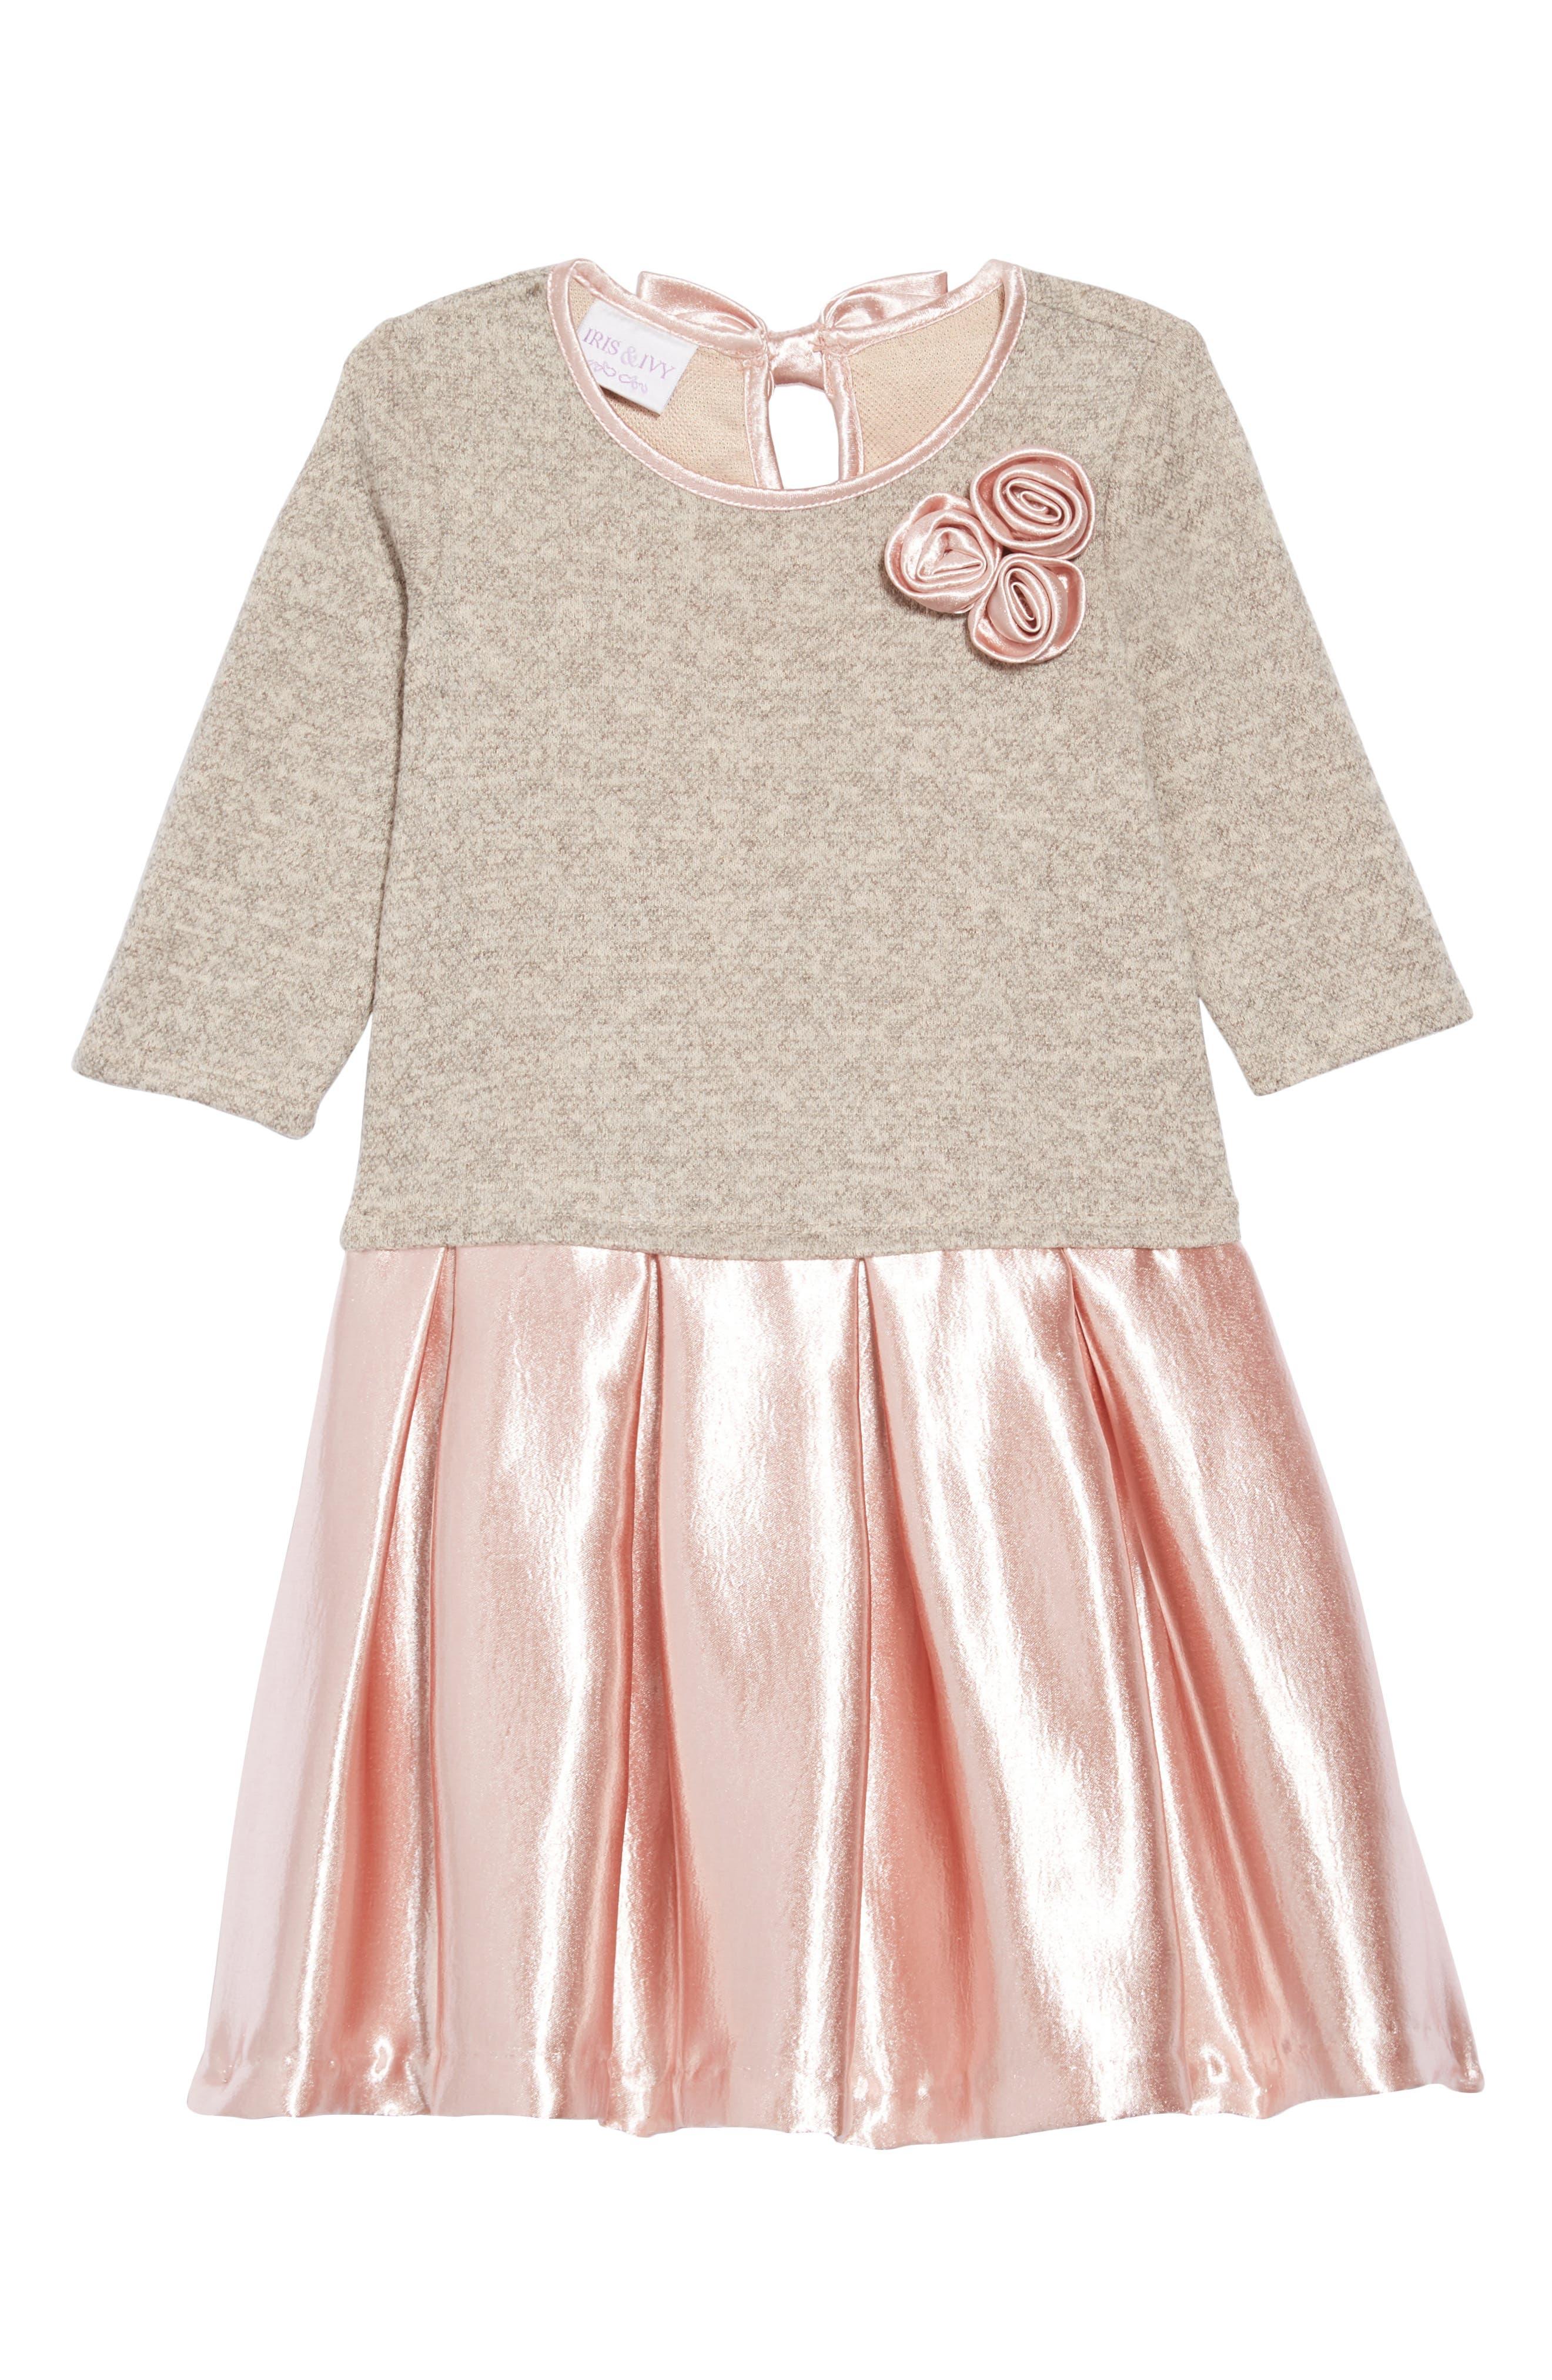 Knit Hammered Satin Dress,                         Main,                         color, ROSE